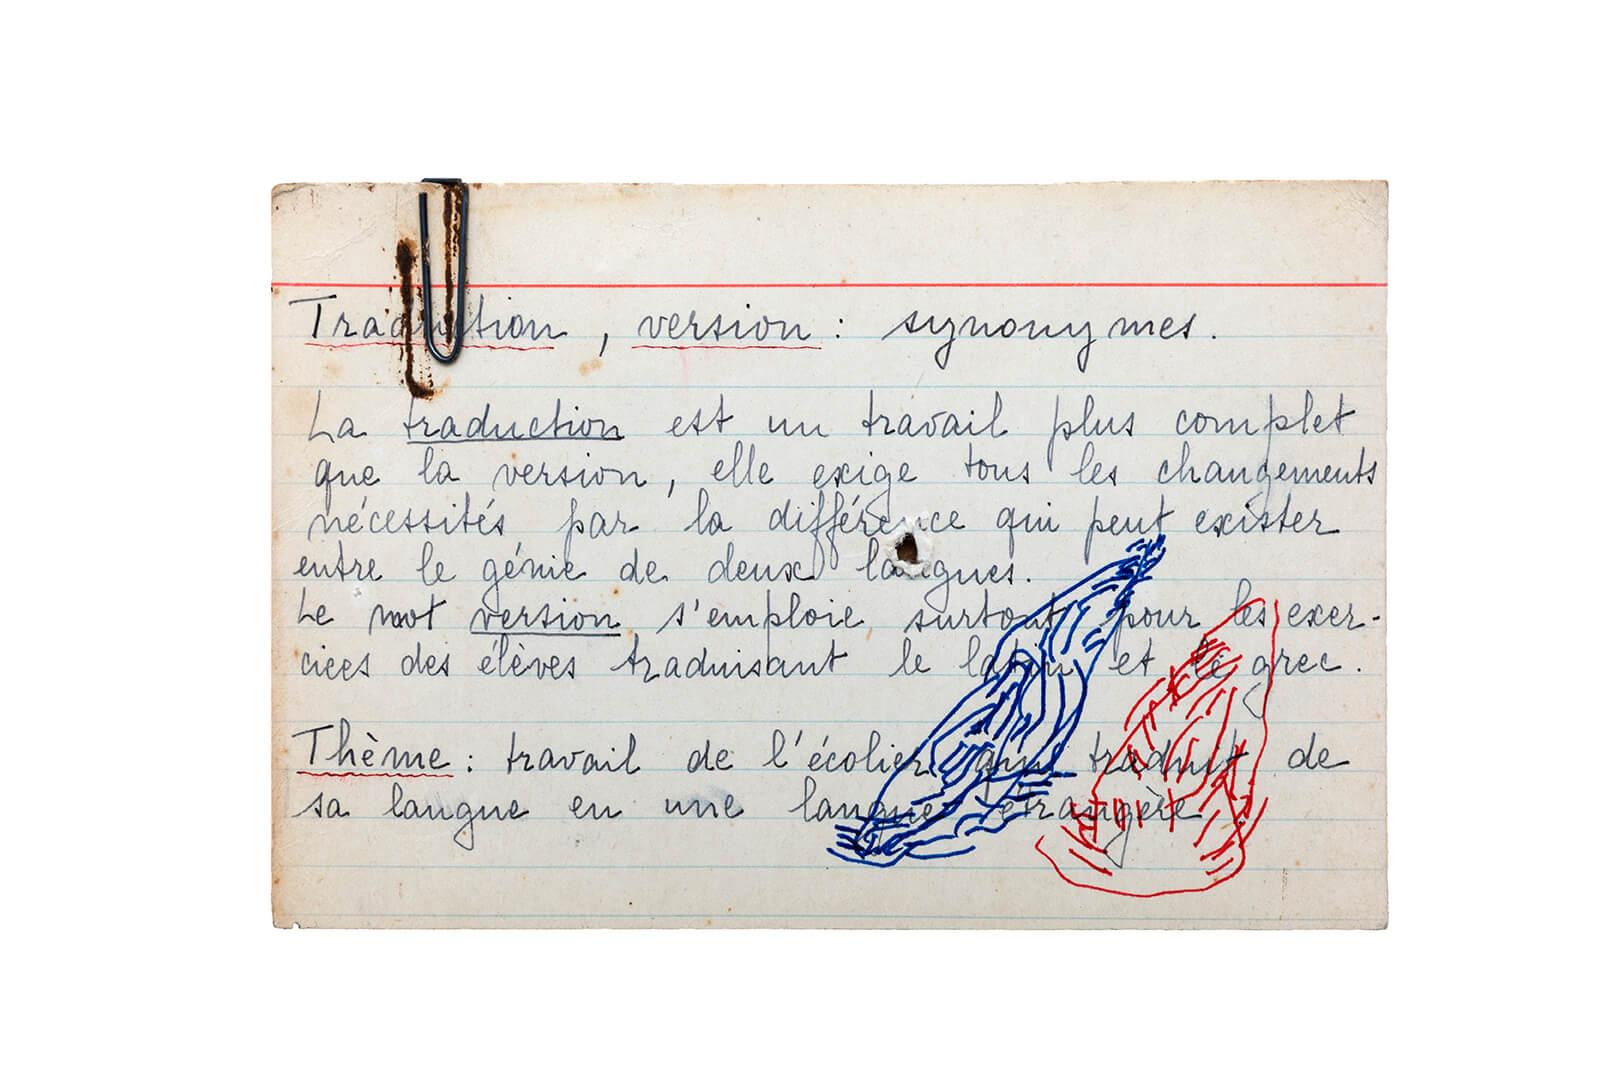 « De la traduction II », tintas de color sobre ficha bibliográfica encontrada 15 x 10 cm, 2020